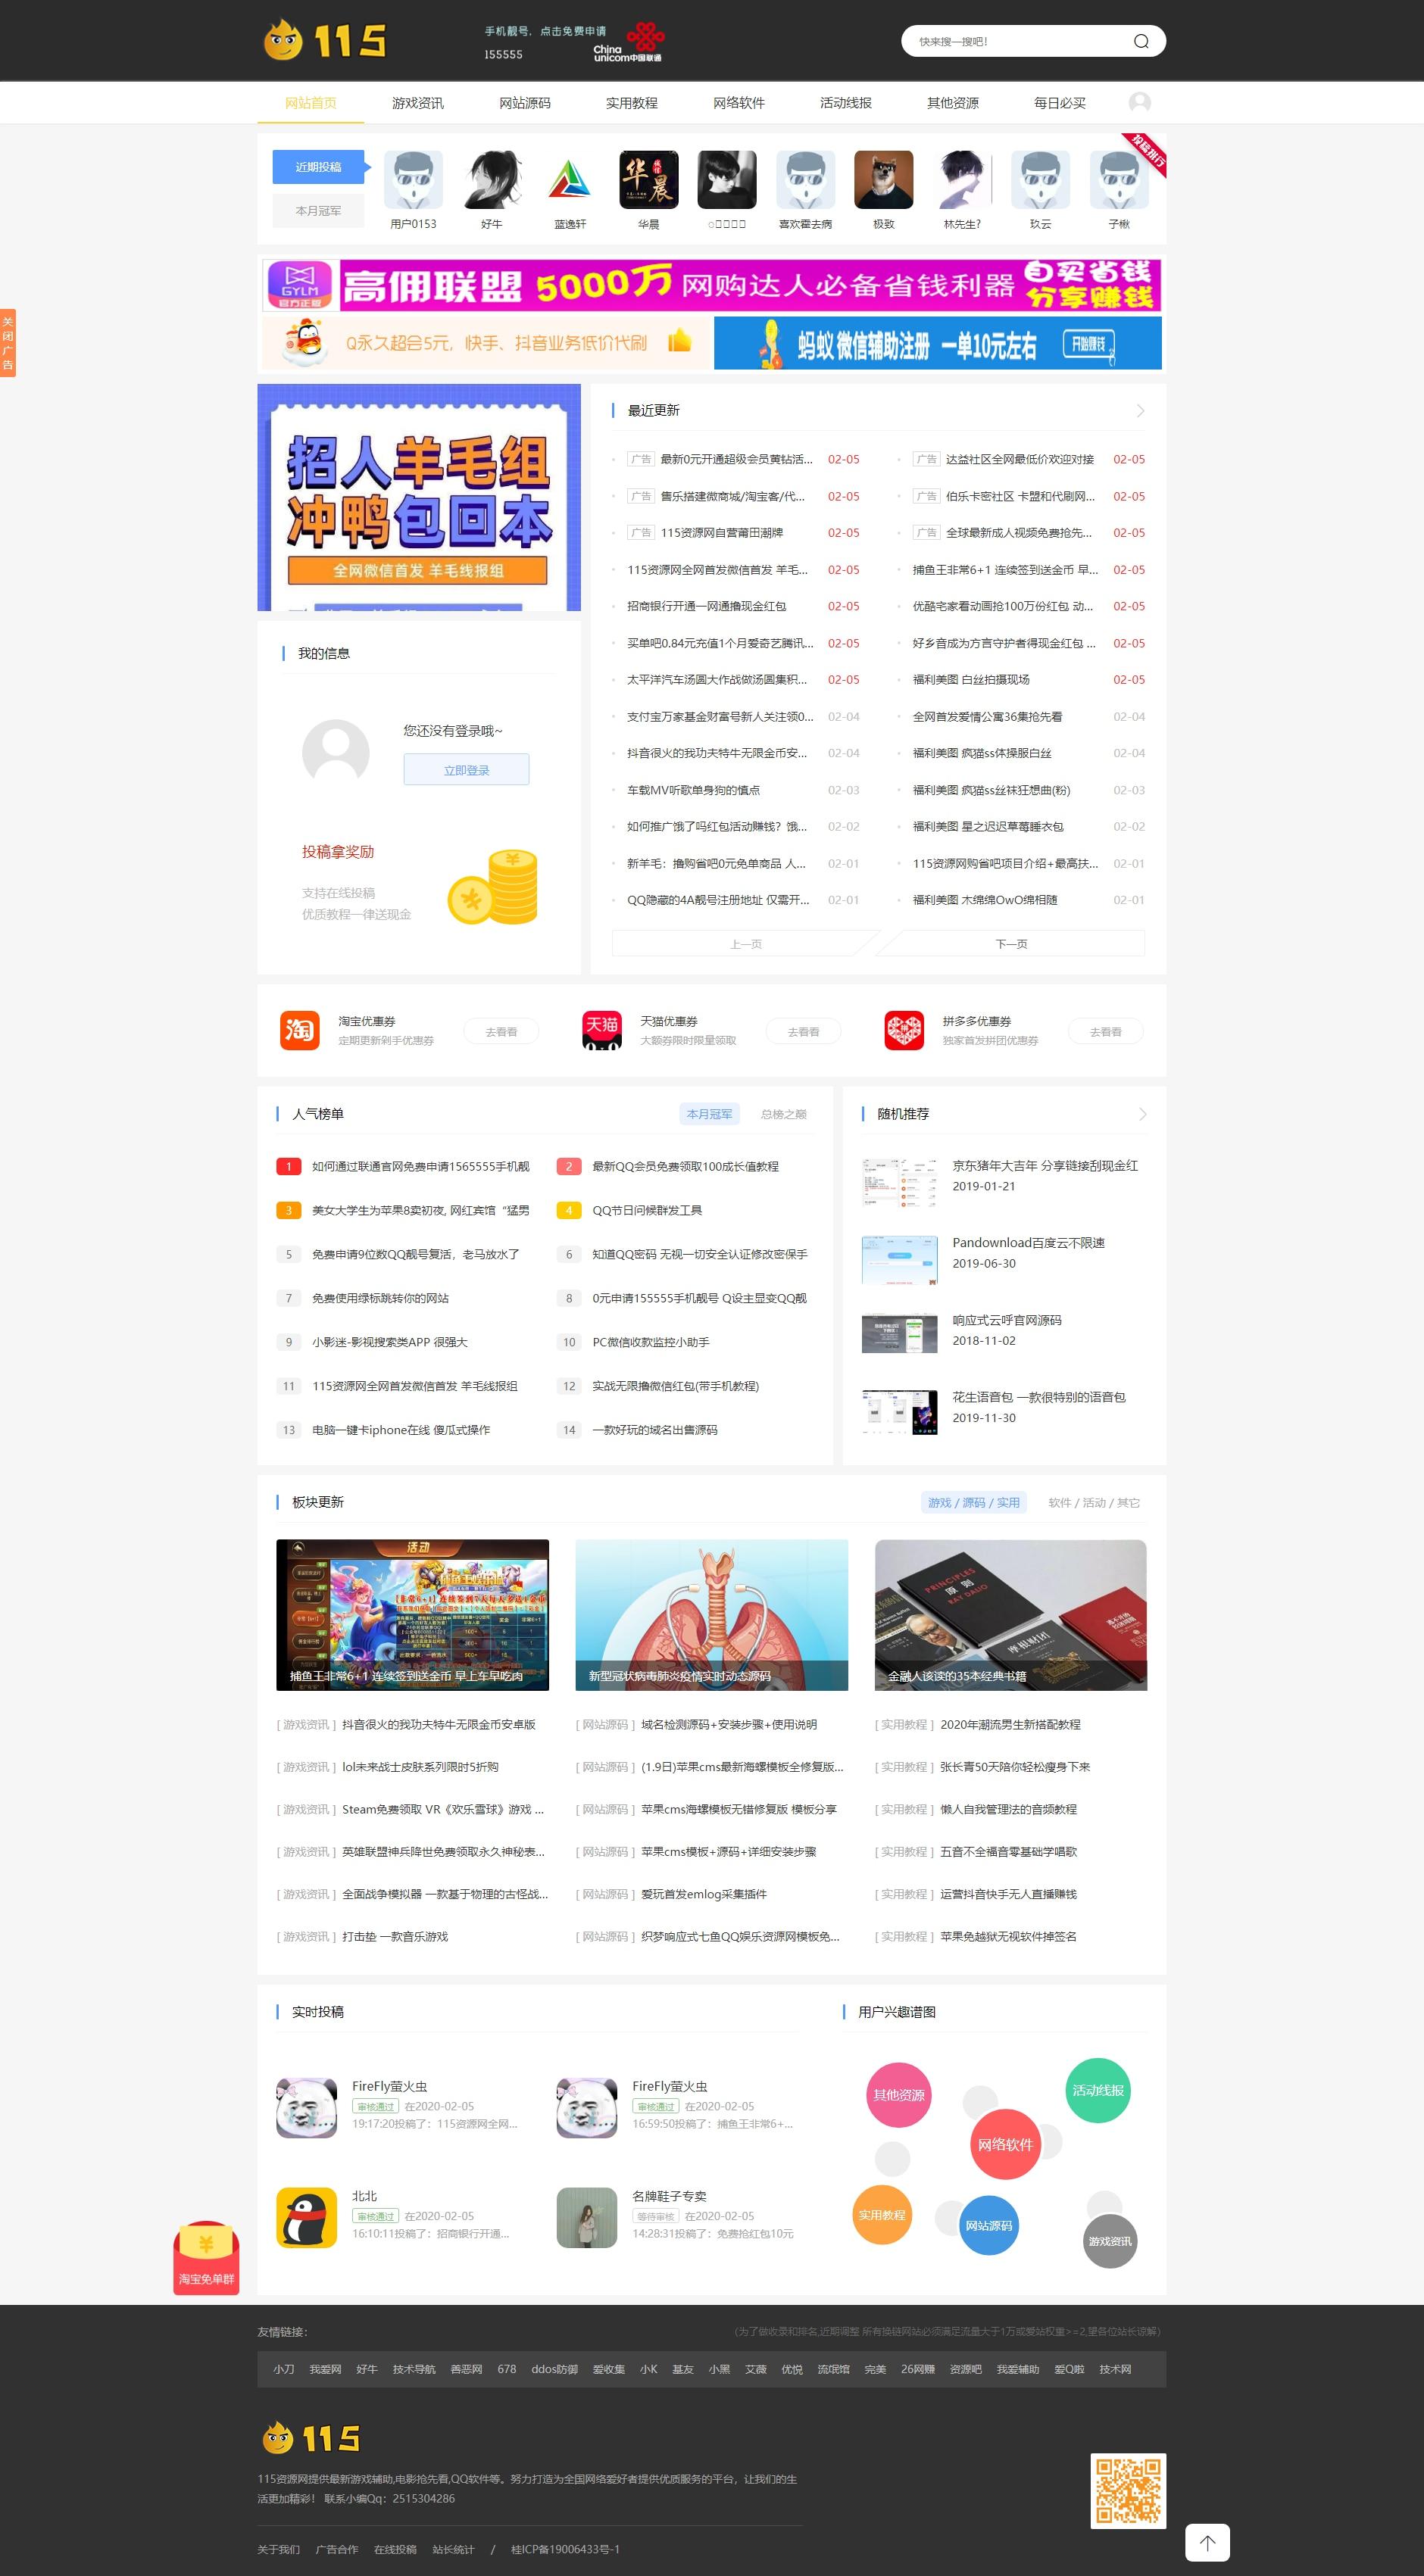 emlog高仿115资源网源码